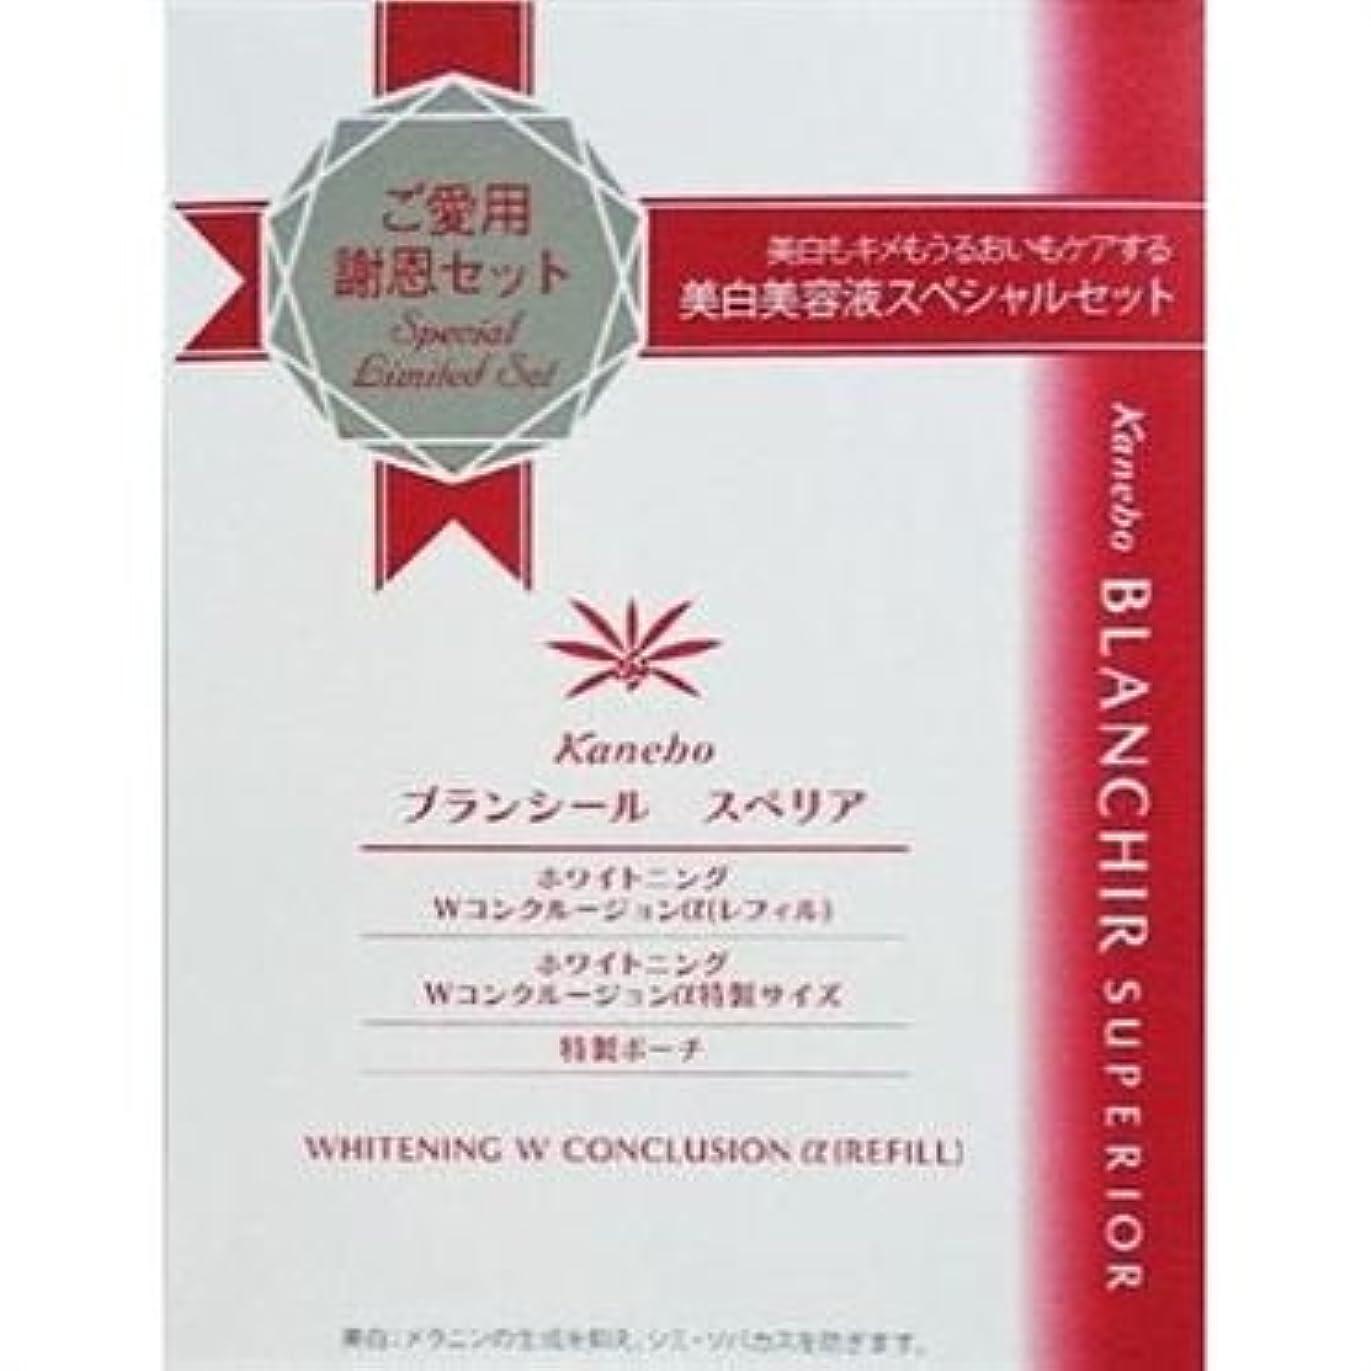 相談するれる機密限定版 カネボウ ブランシール スペリア ホワイトニング Wコンクルージョンa(レフィル)セットⅢ